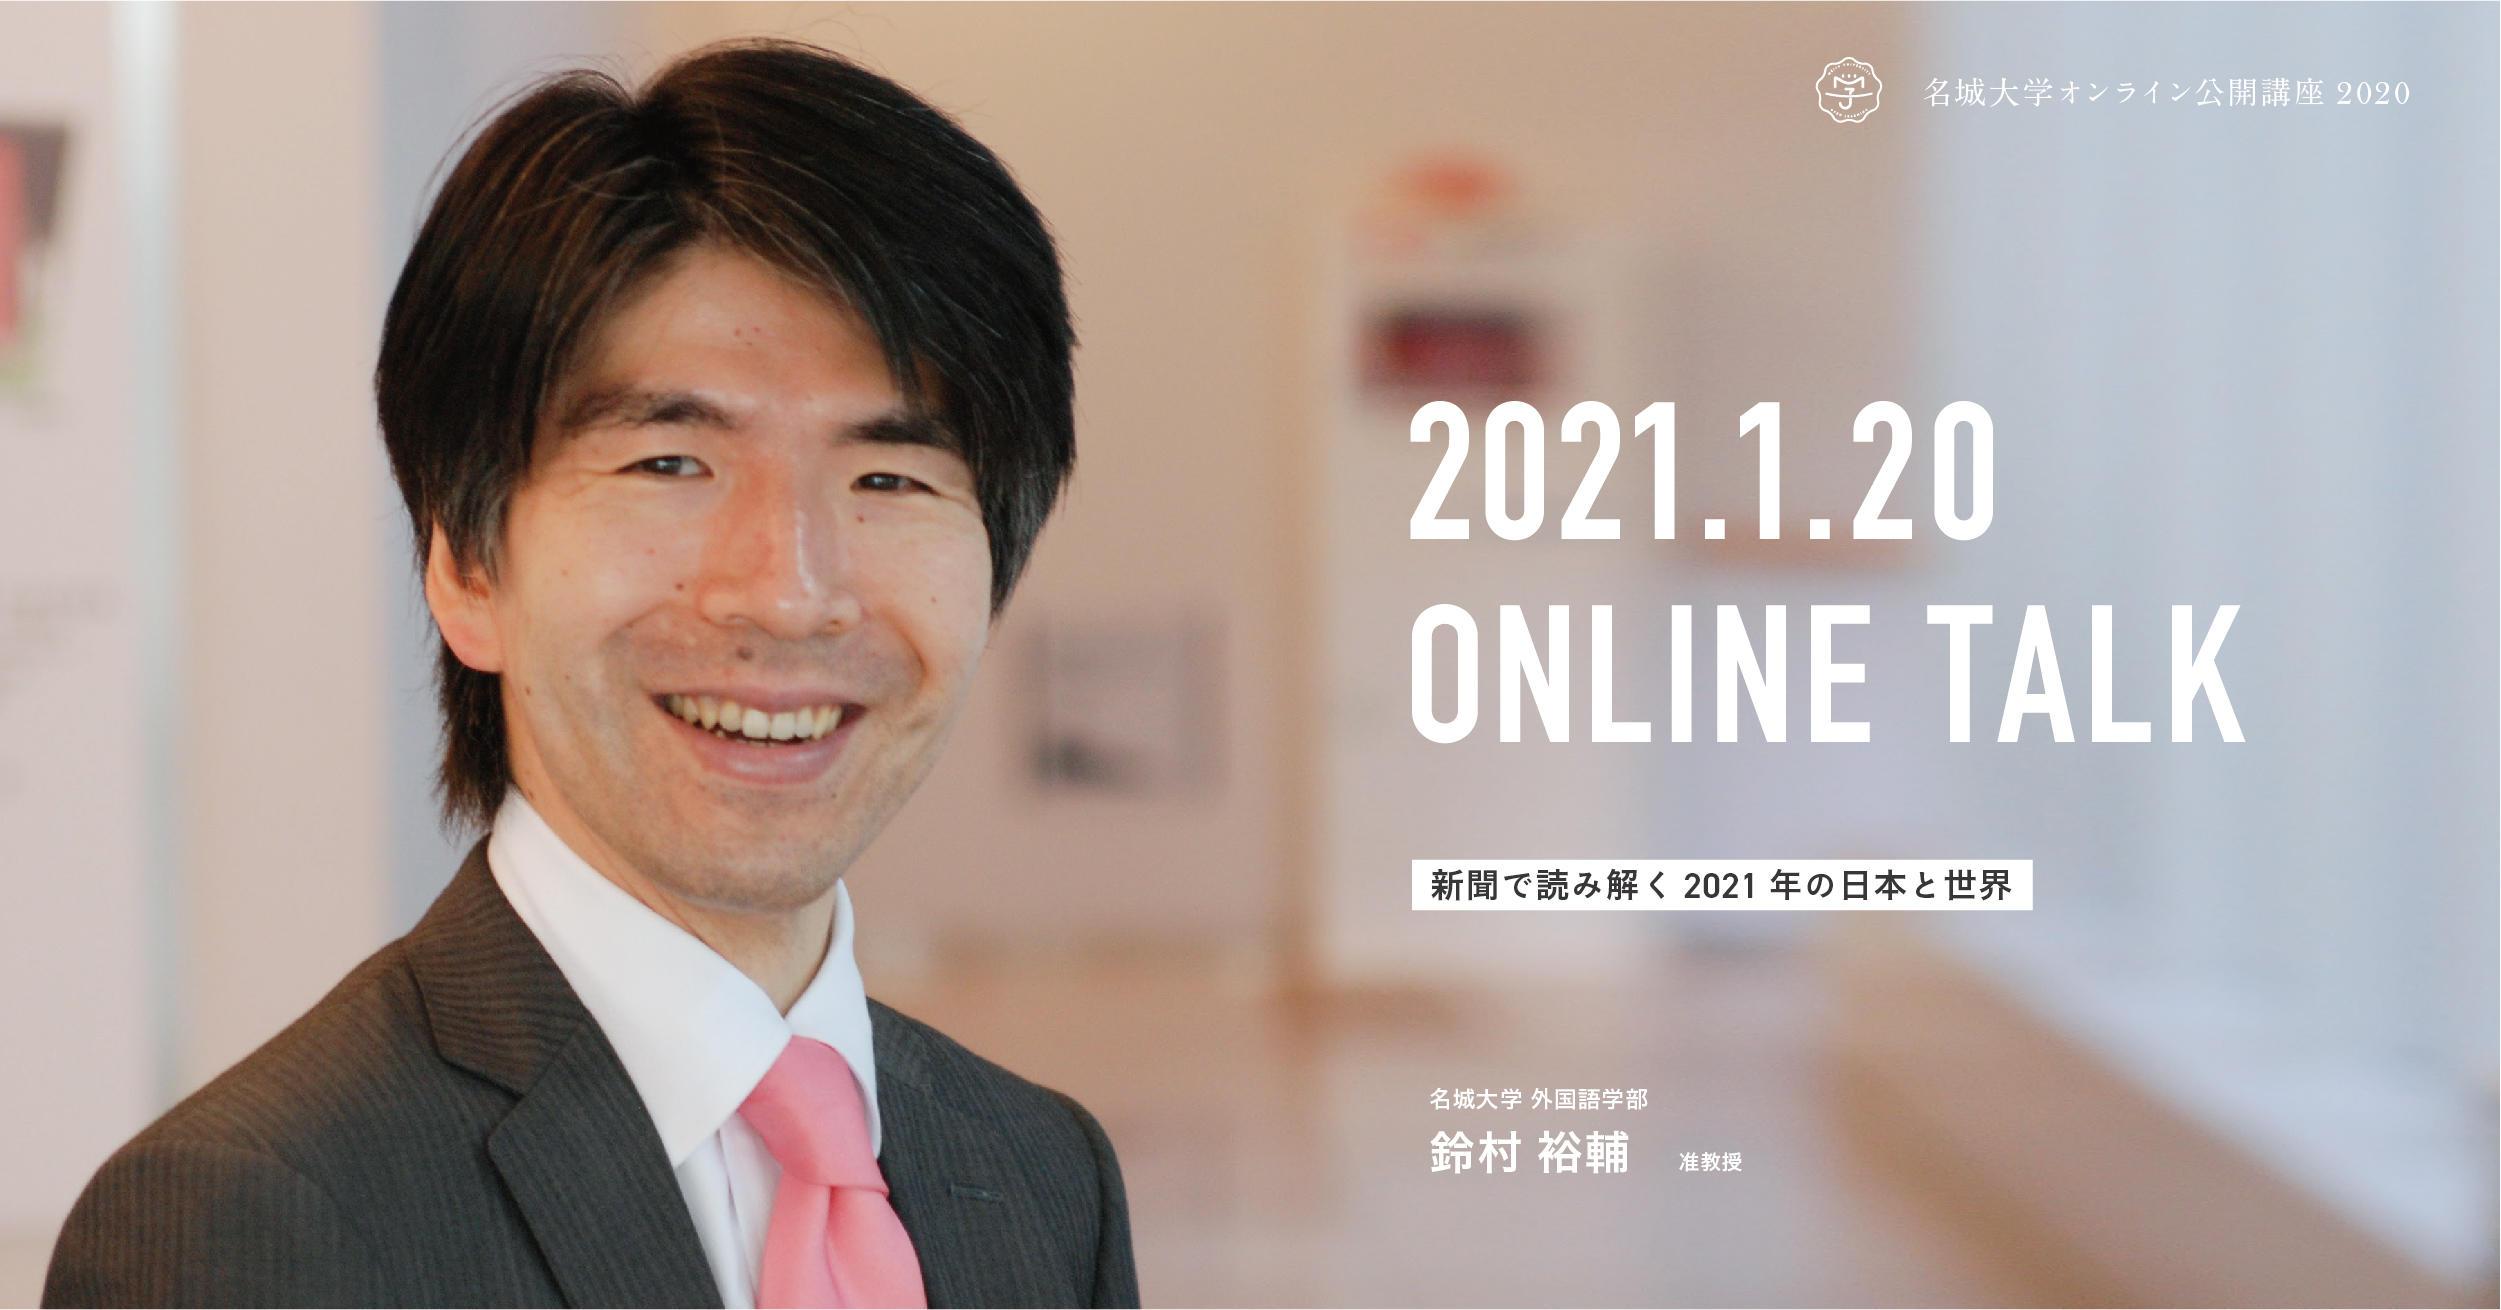 【参加者募集】オンライン公開講座2020 『新聞で読み解く2021年の日本と世界』